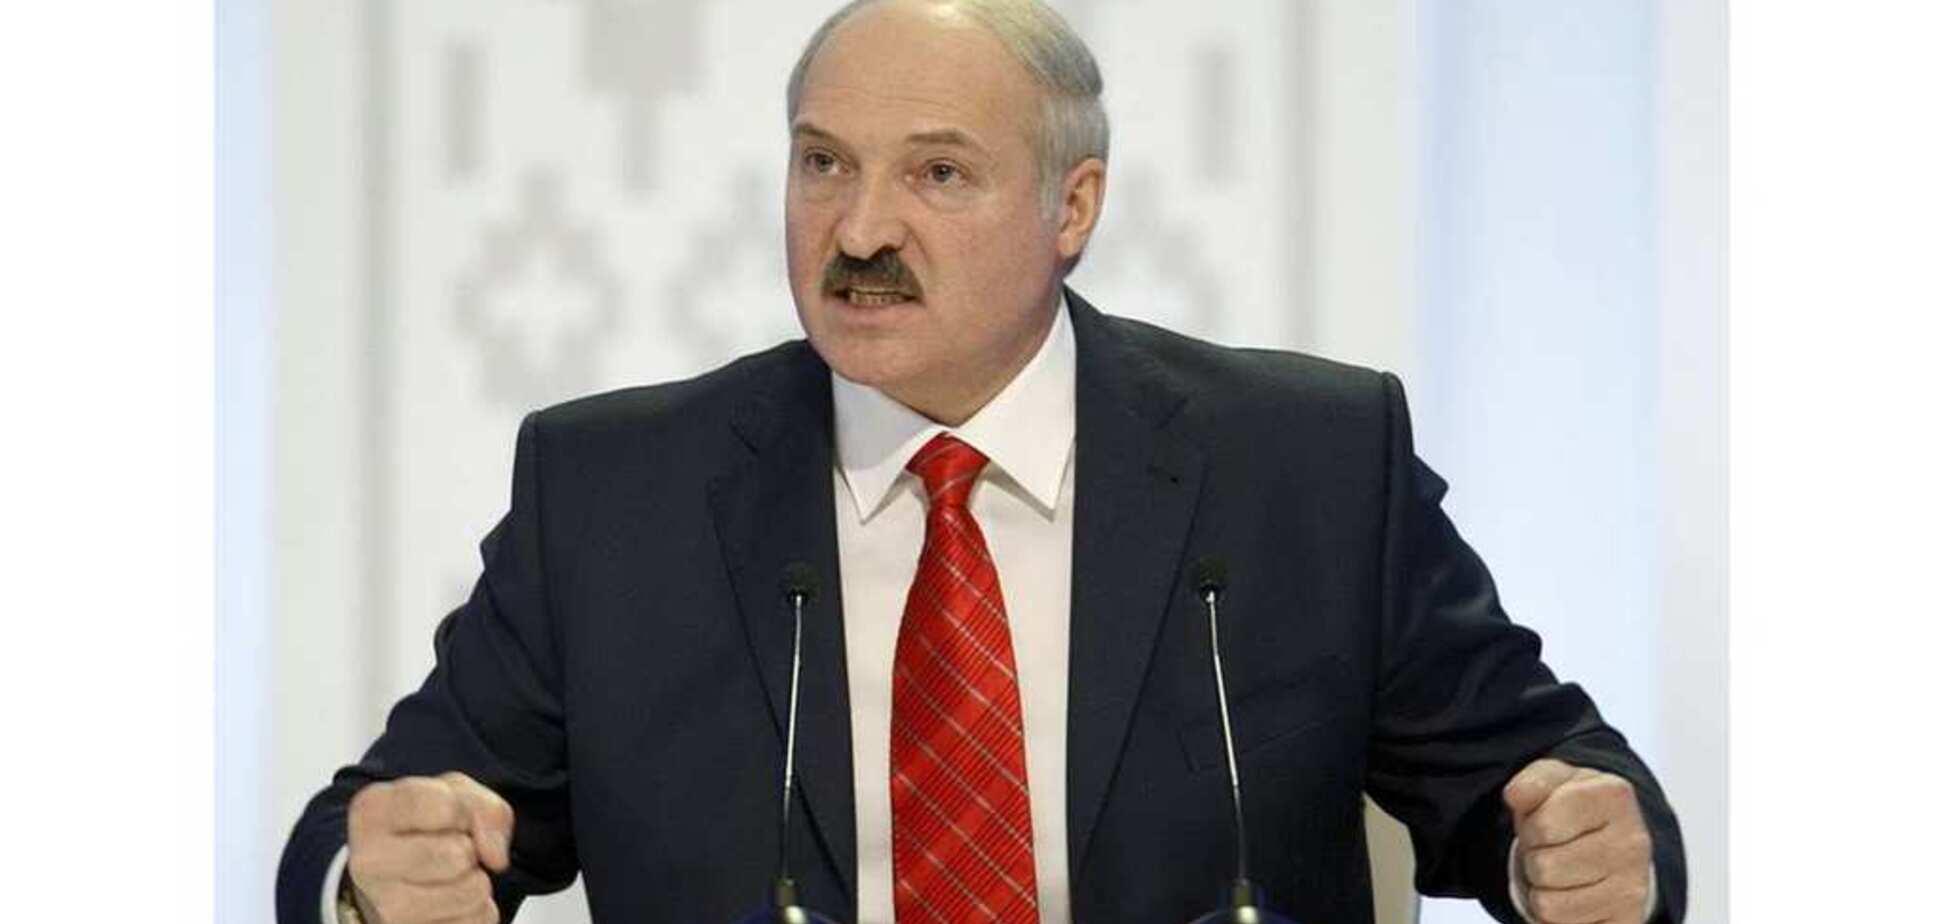 ''З України йде біда'': Лукашенко екстрено віддав наказ зміцнити кордон